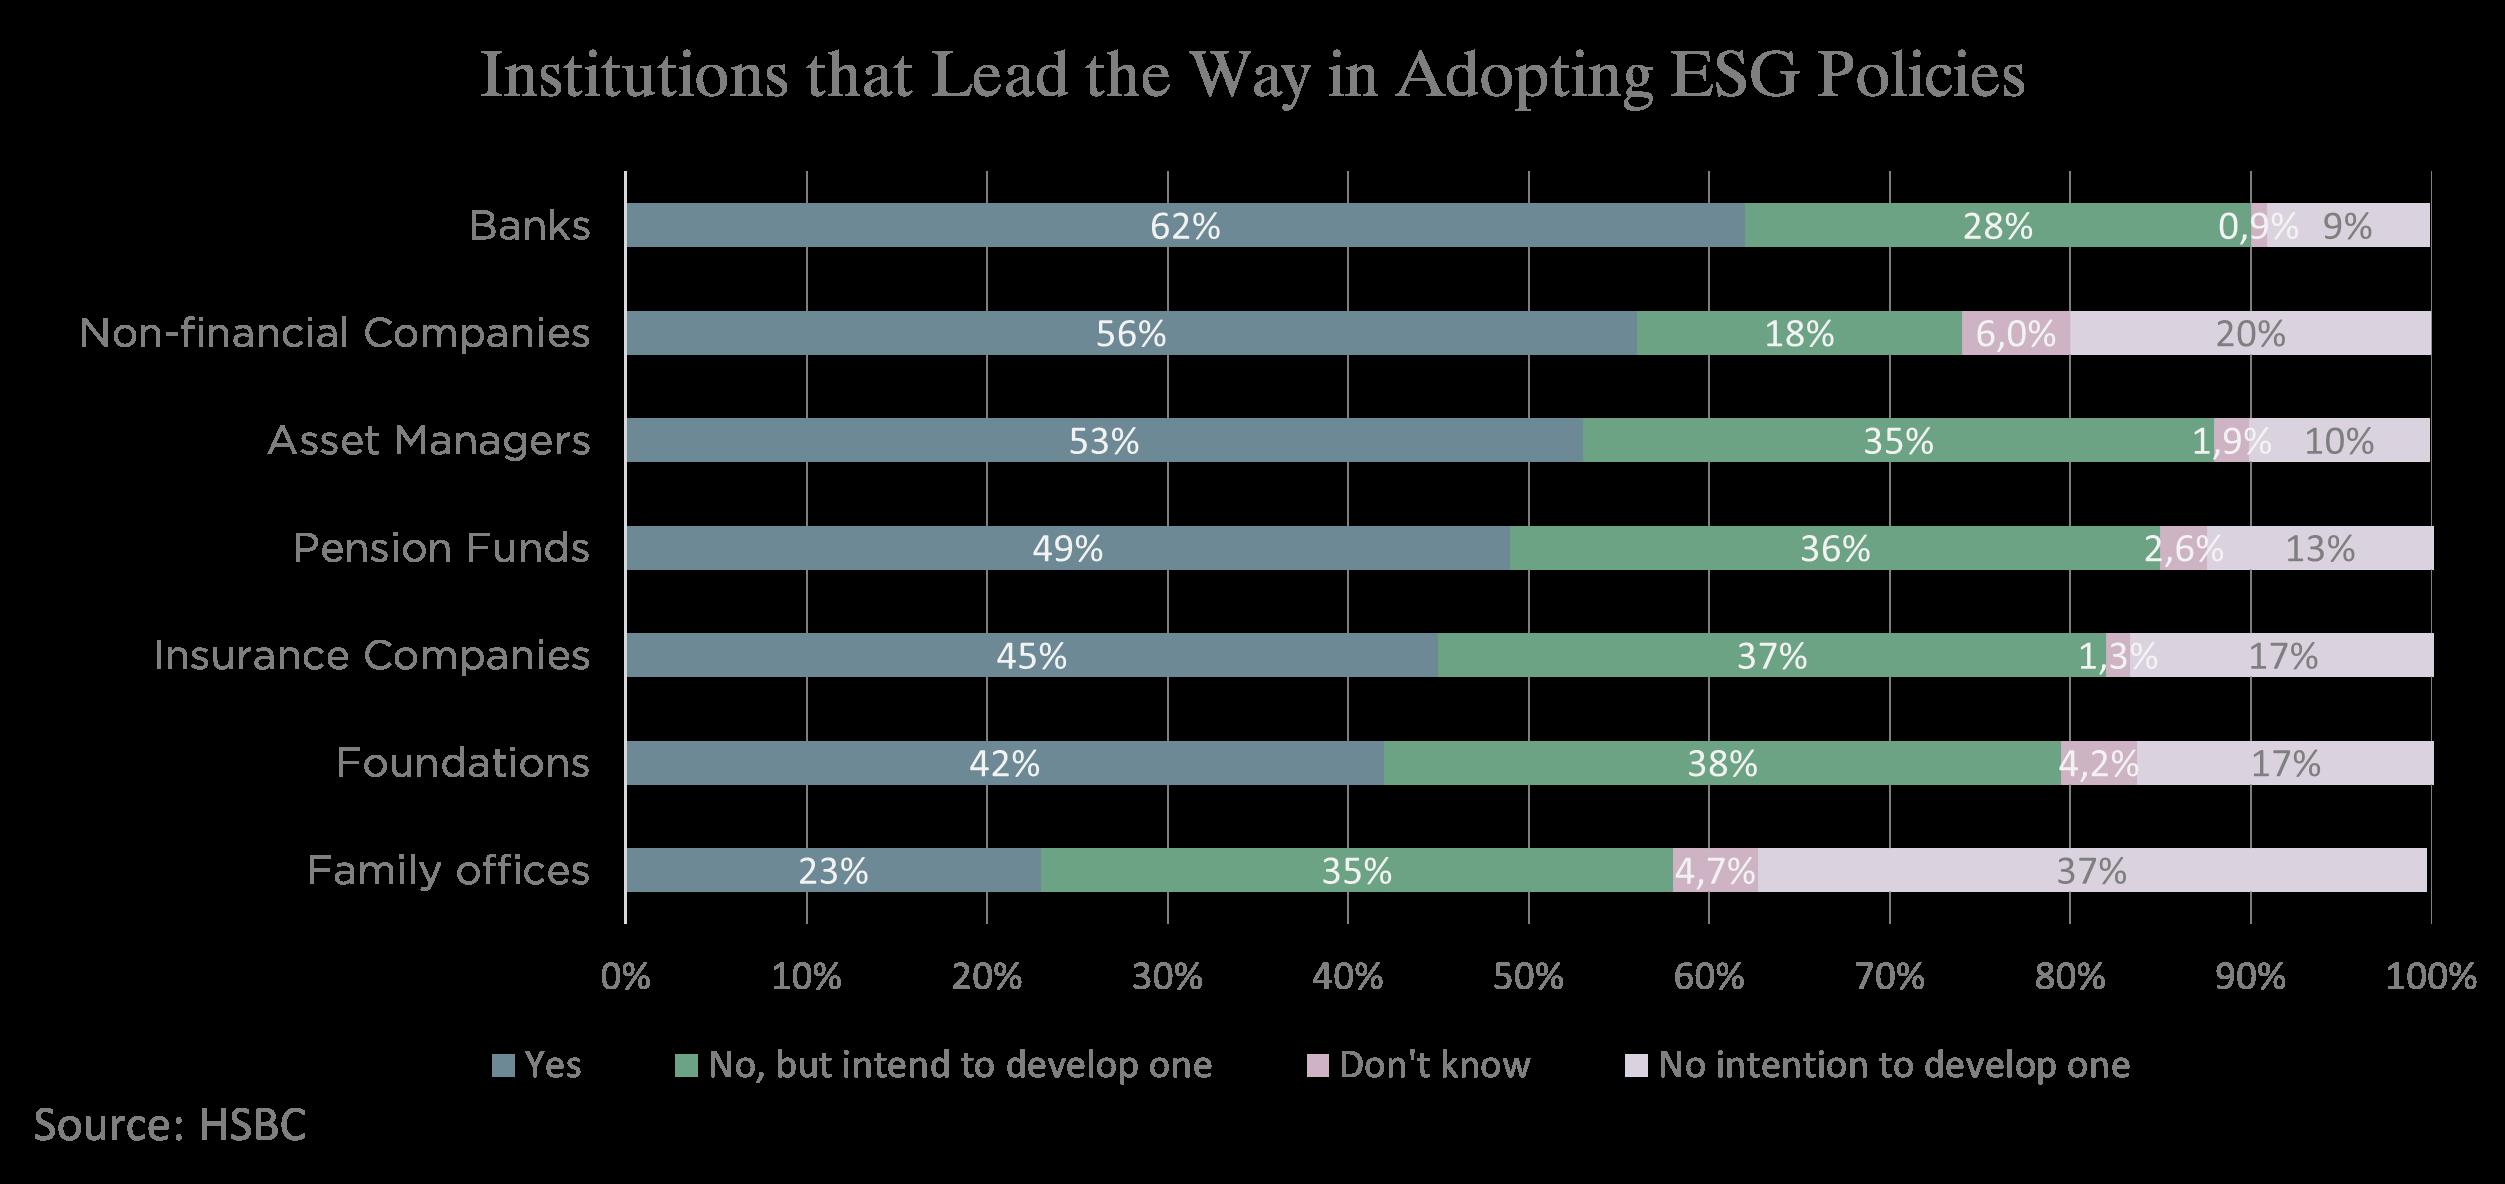 Institutions that Lead ESG Adoption